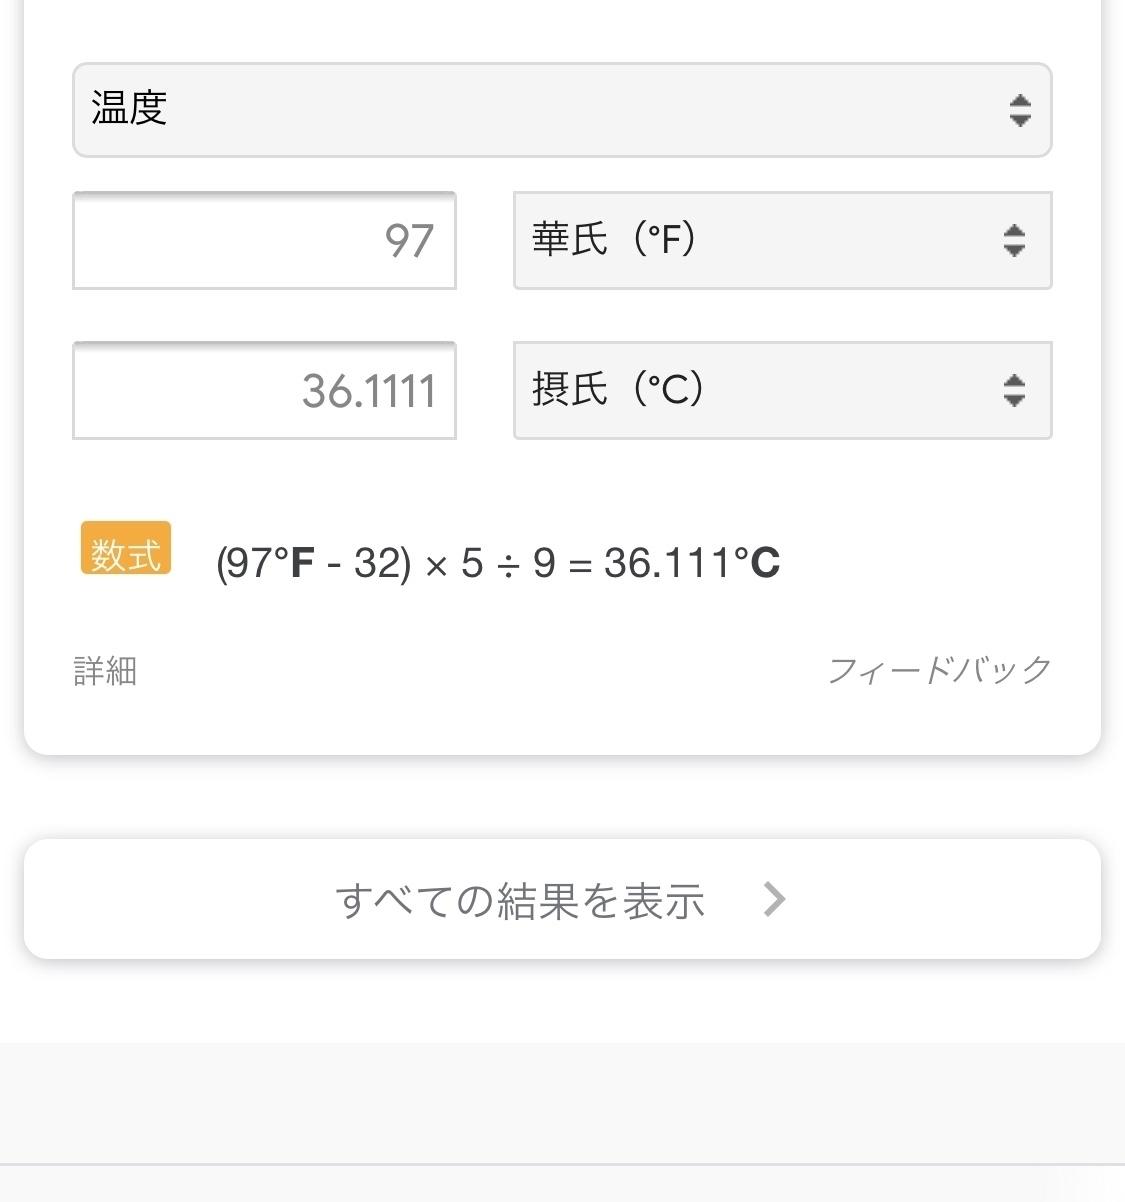 ハワイ NO6  4日目夕方_a0279743_13113153.jpg